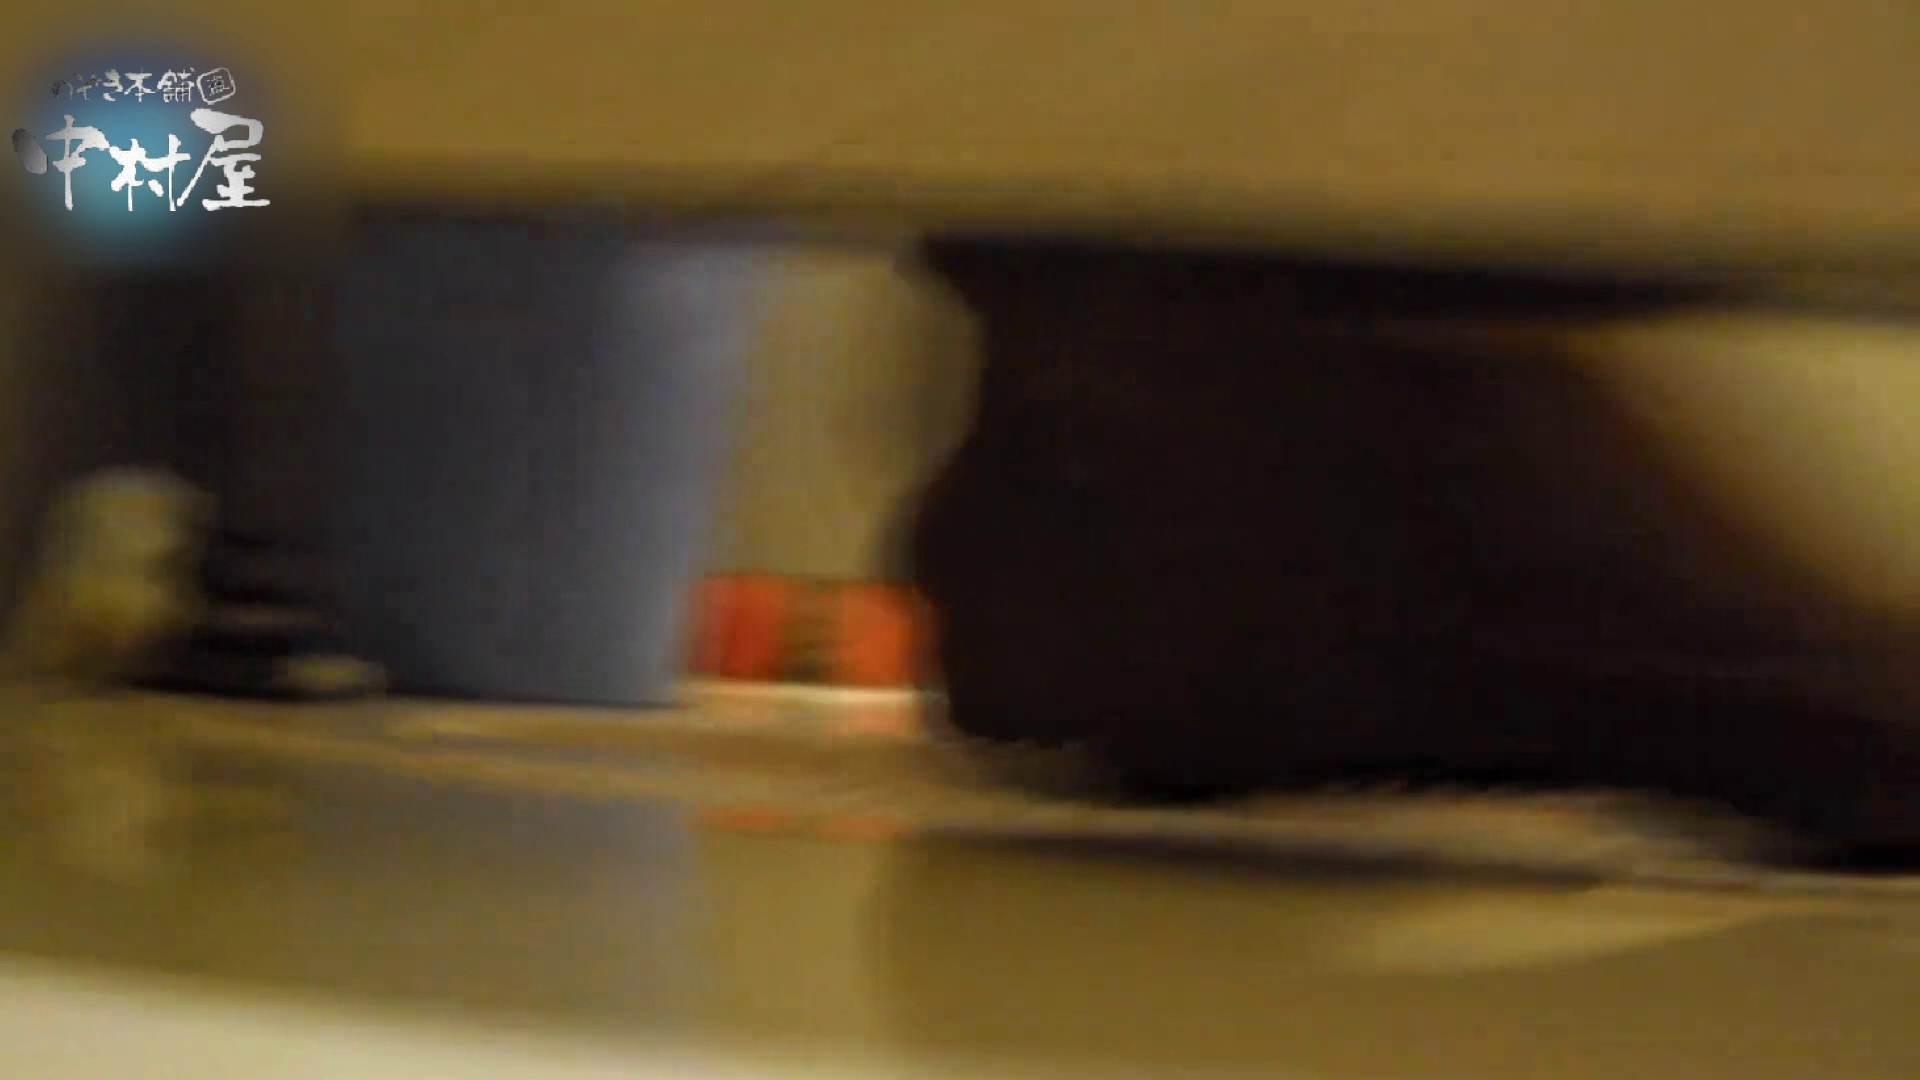 乙女集まる!ショッピングモール潜入撮vol.02 ロリ おまんこ無修正動画無料 76連発 58